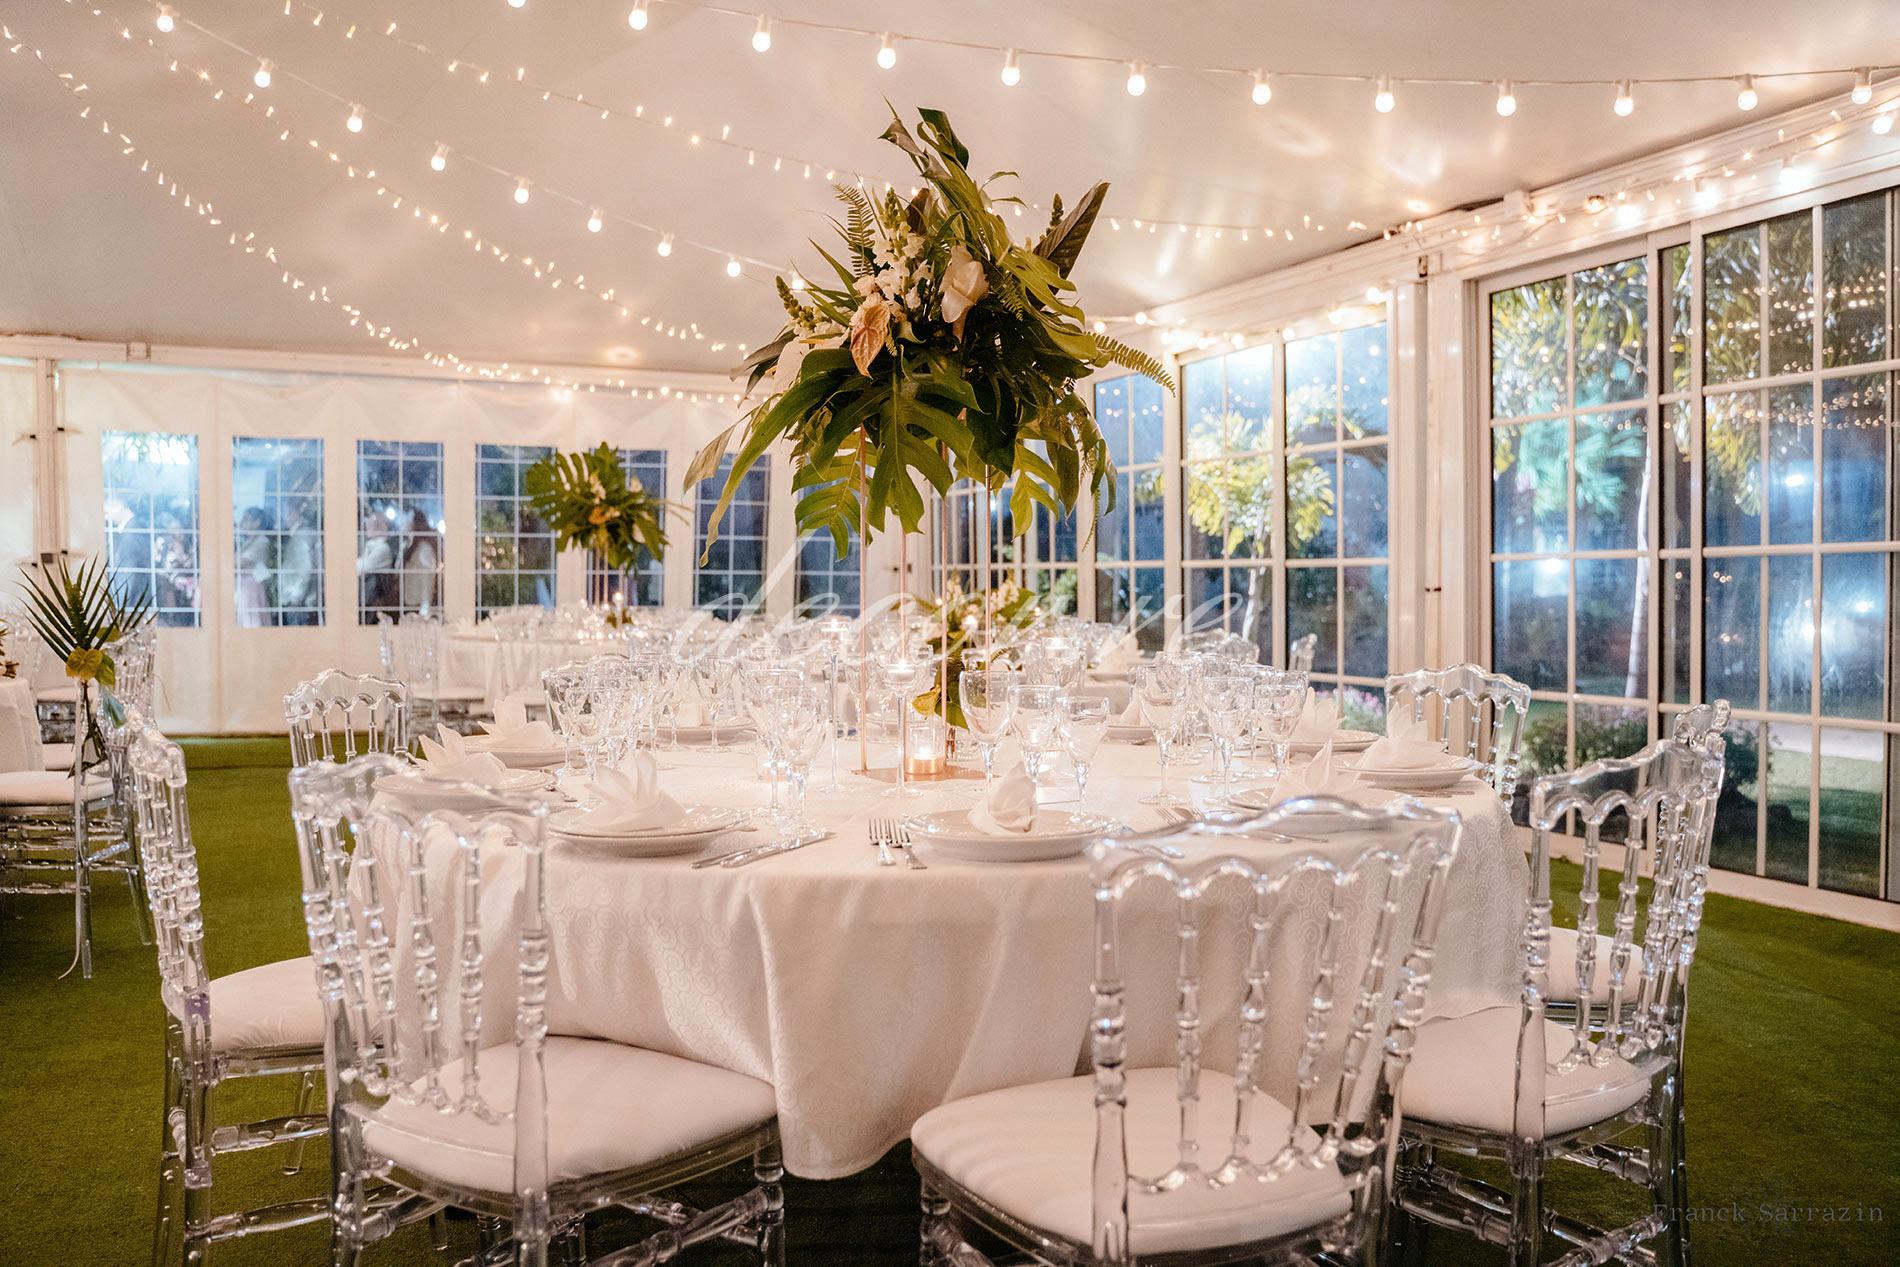 Nos chaises napoléon et nos guirlandes lumineuses au Domaine des Mille Cocos